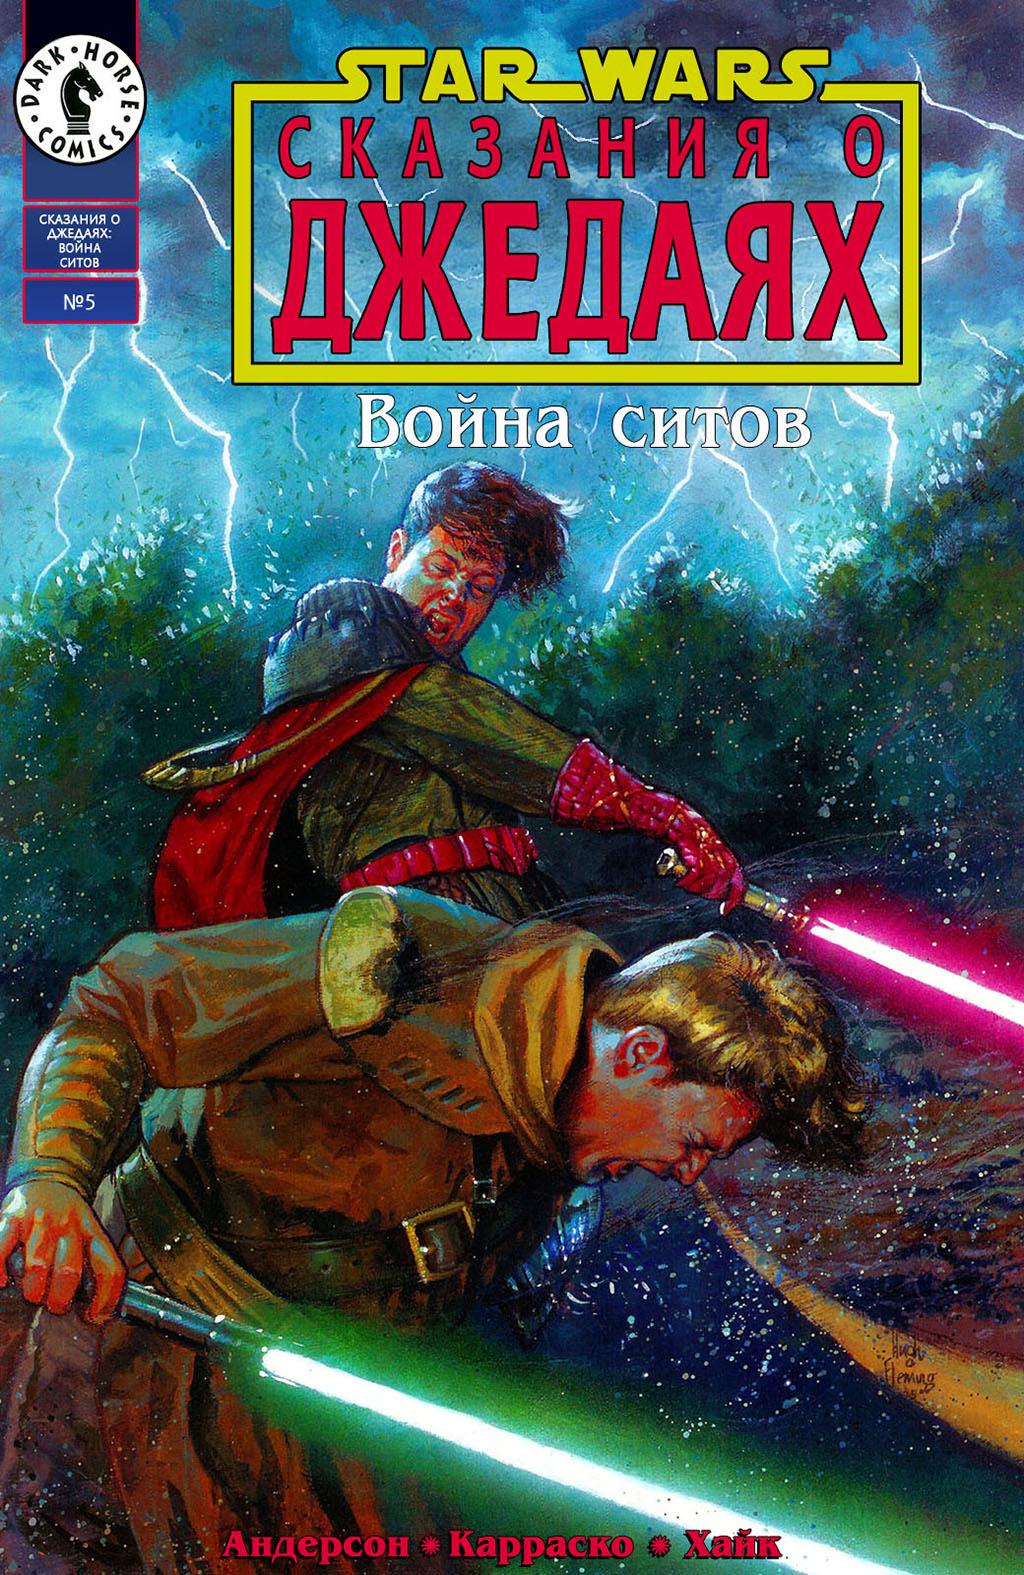 Комикс Звездные Войны - Сказания о Джедаях: Война Ситов